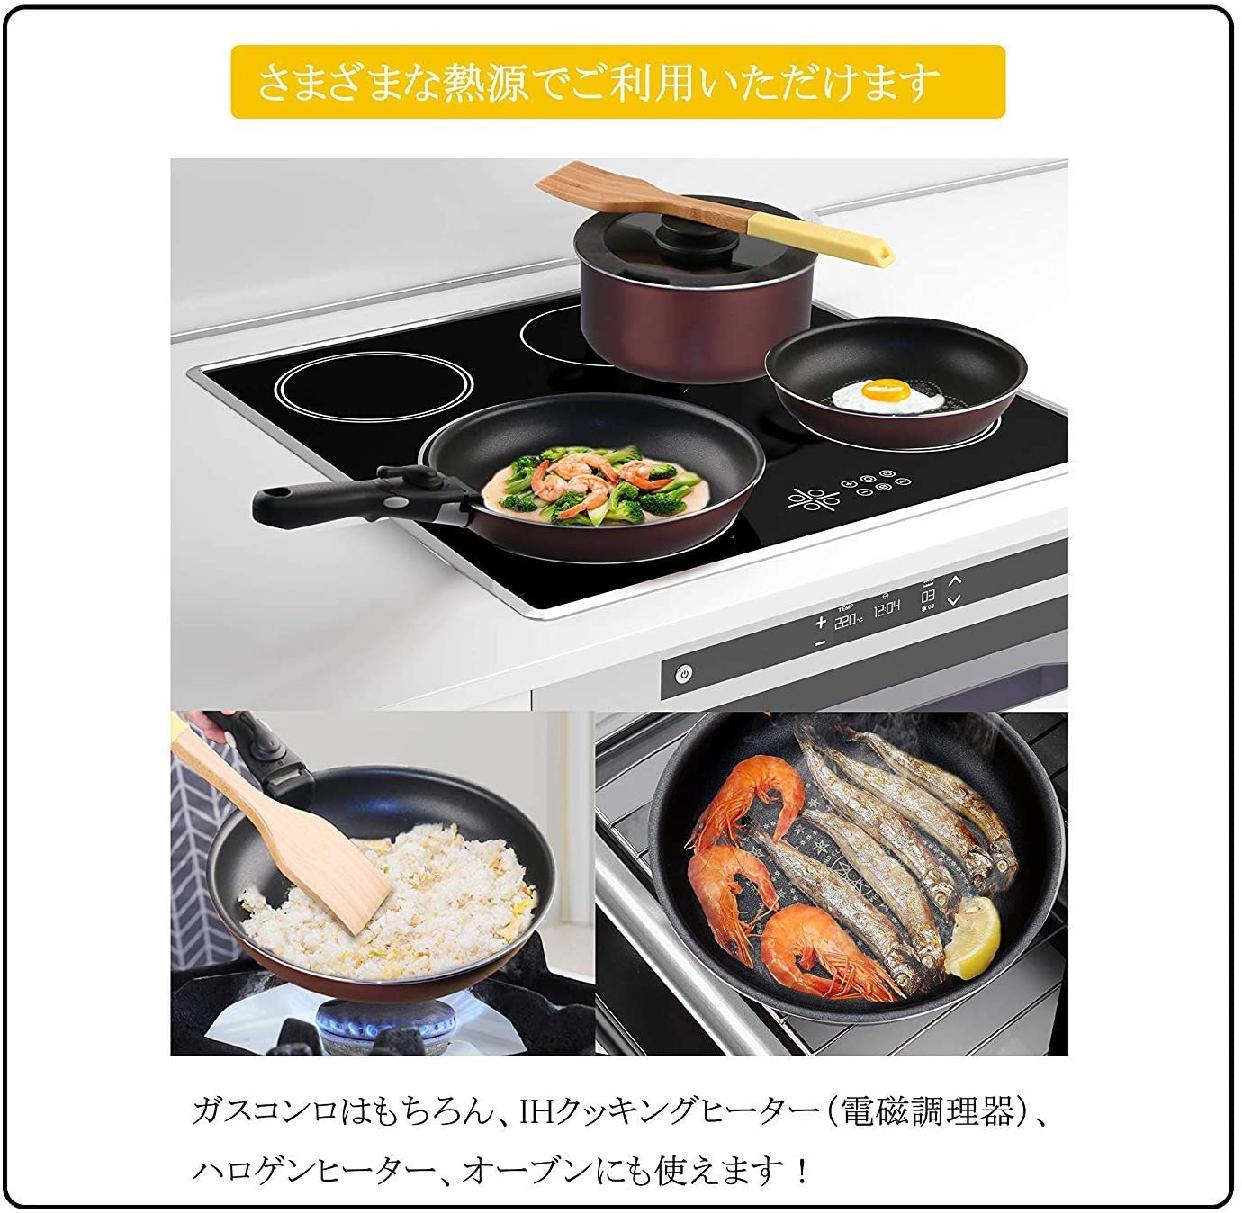 COOKSMARK(クックスマーク)ダイヤモンドコートパン 6点セットの商品画像4